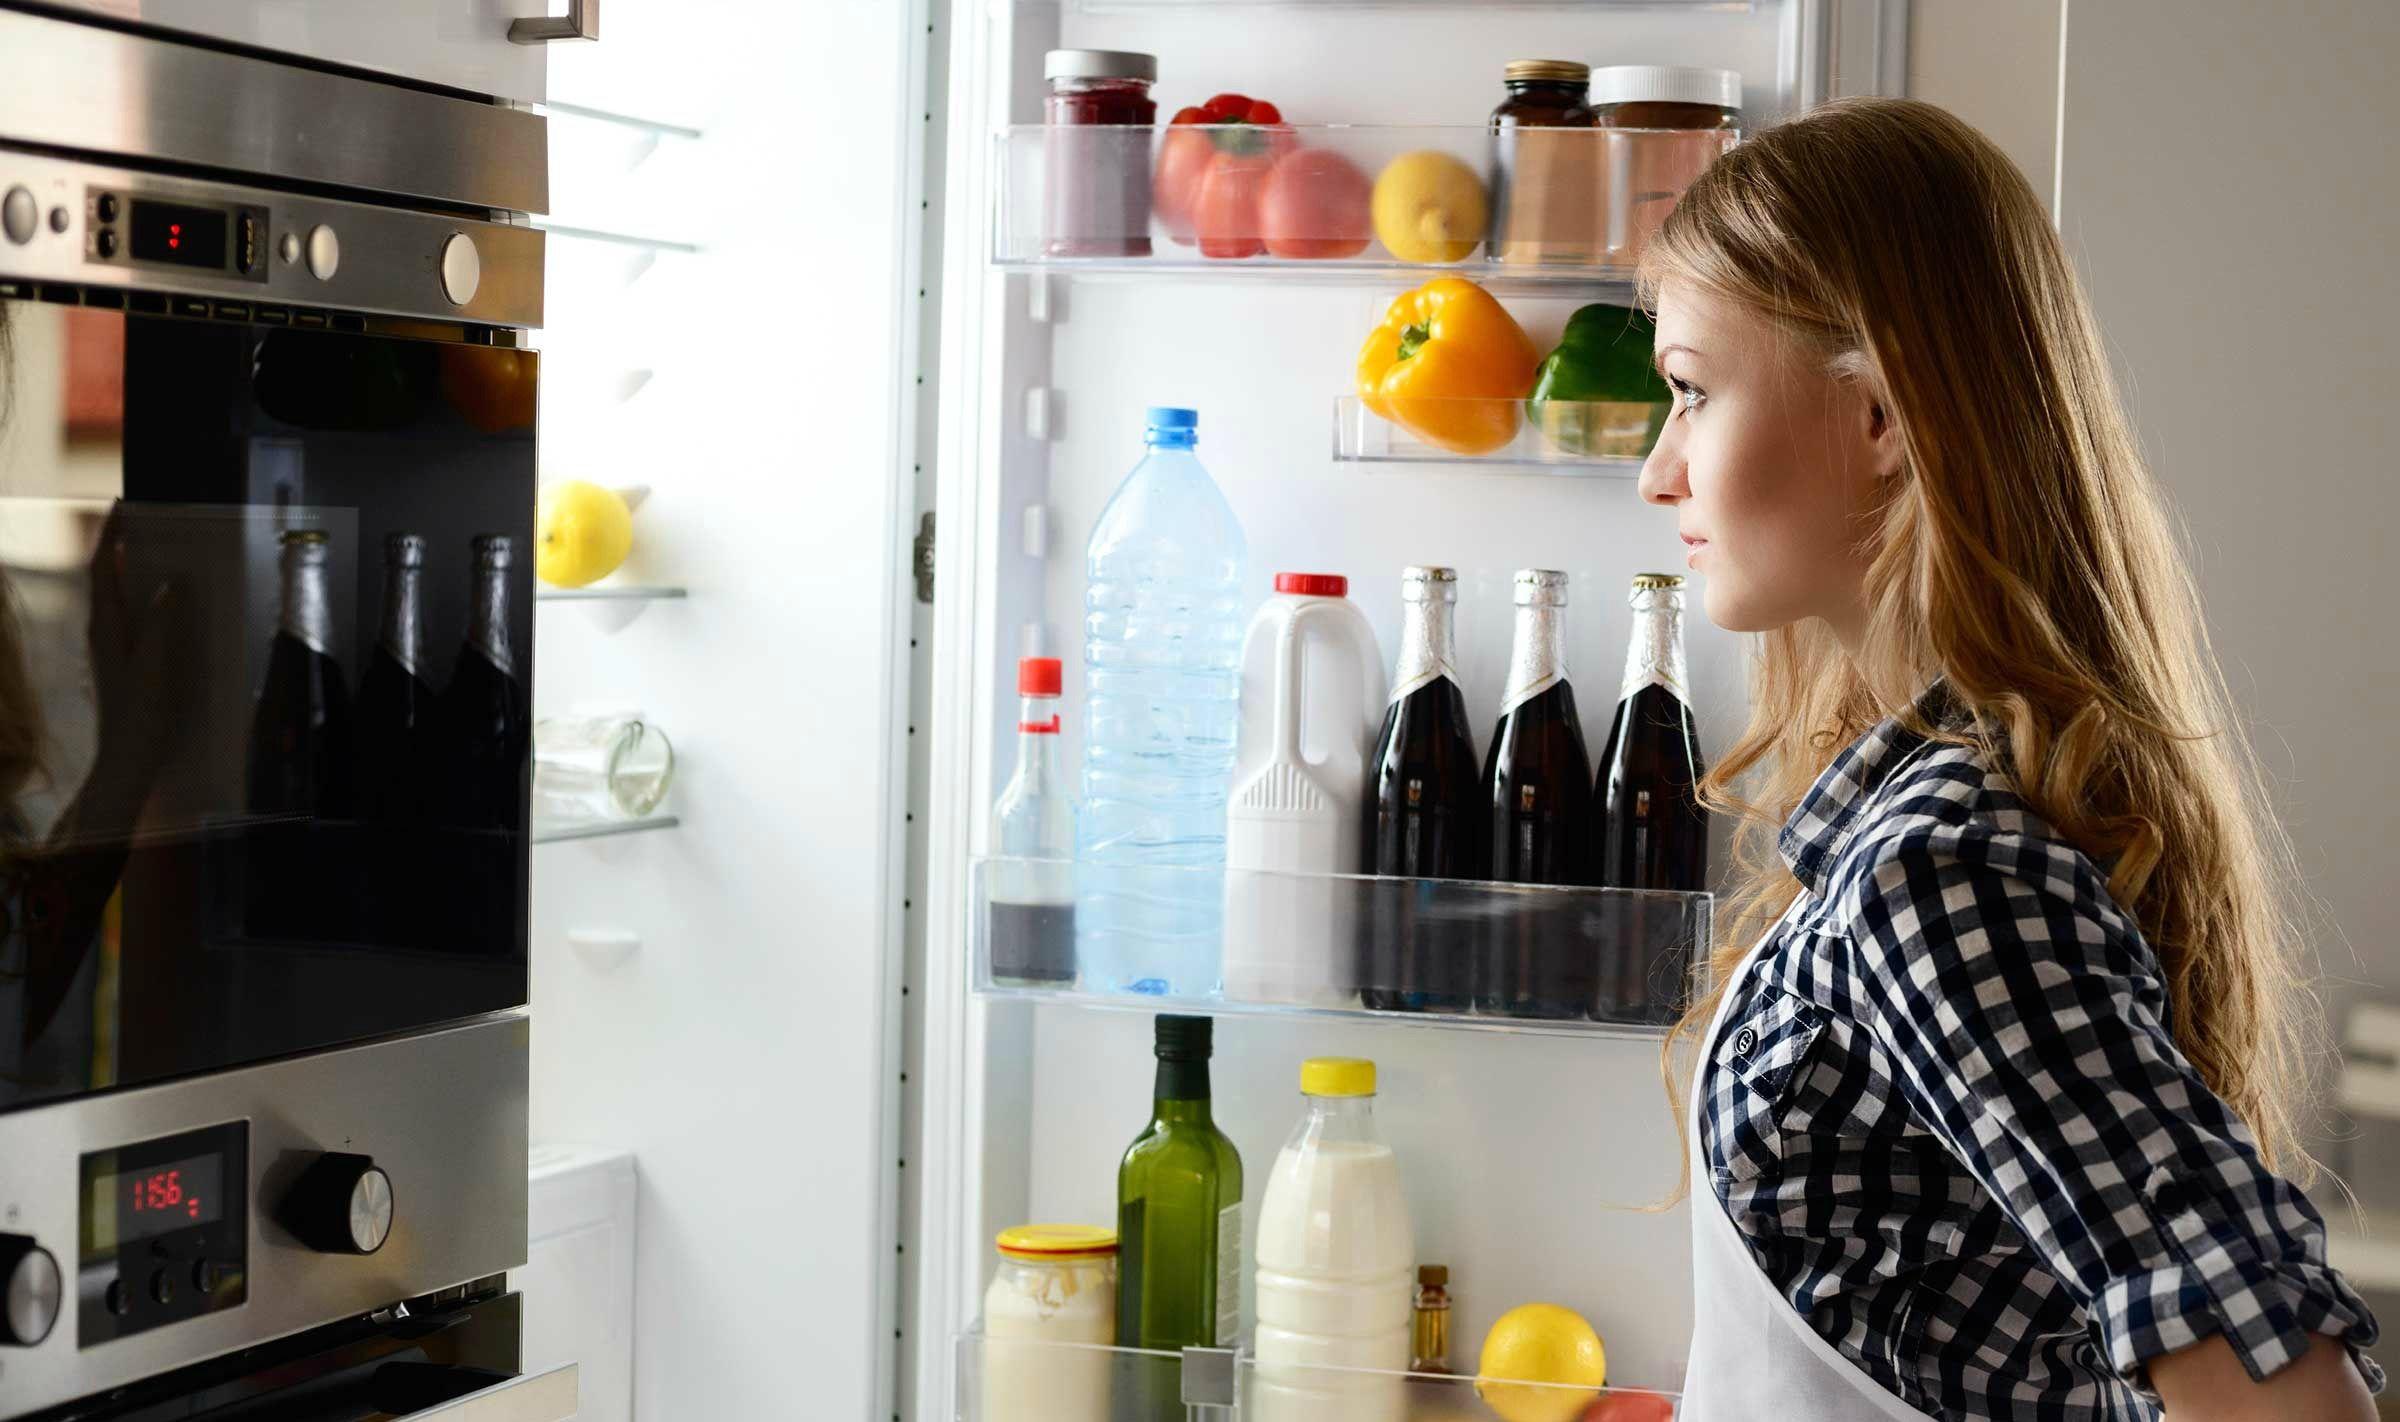 Contenitori Per Organizzare Frigo come organizzare il frigorifero e sprecare meno   bigodino